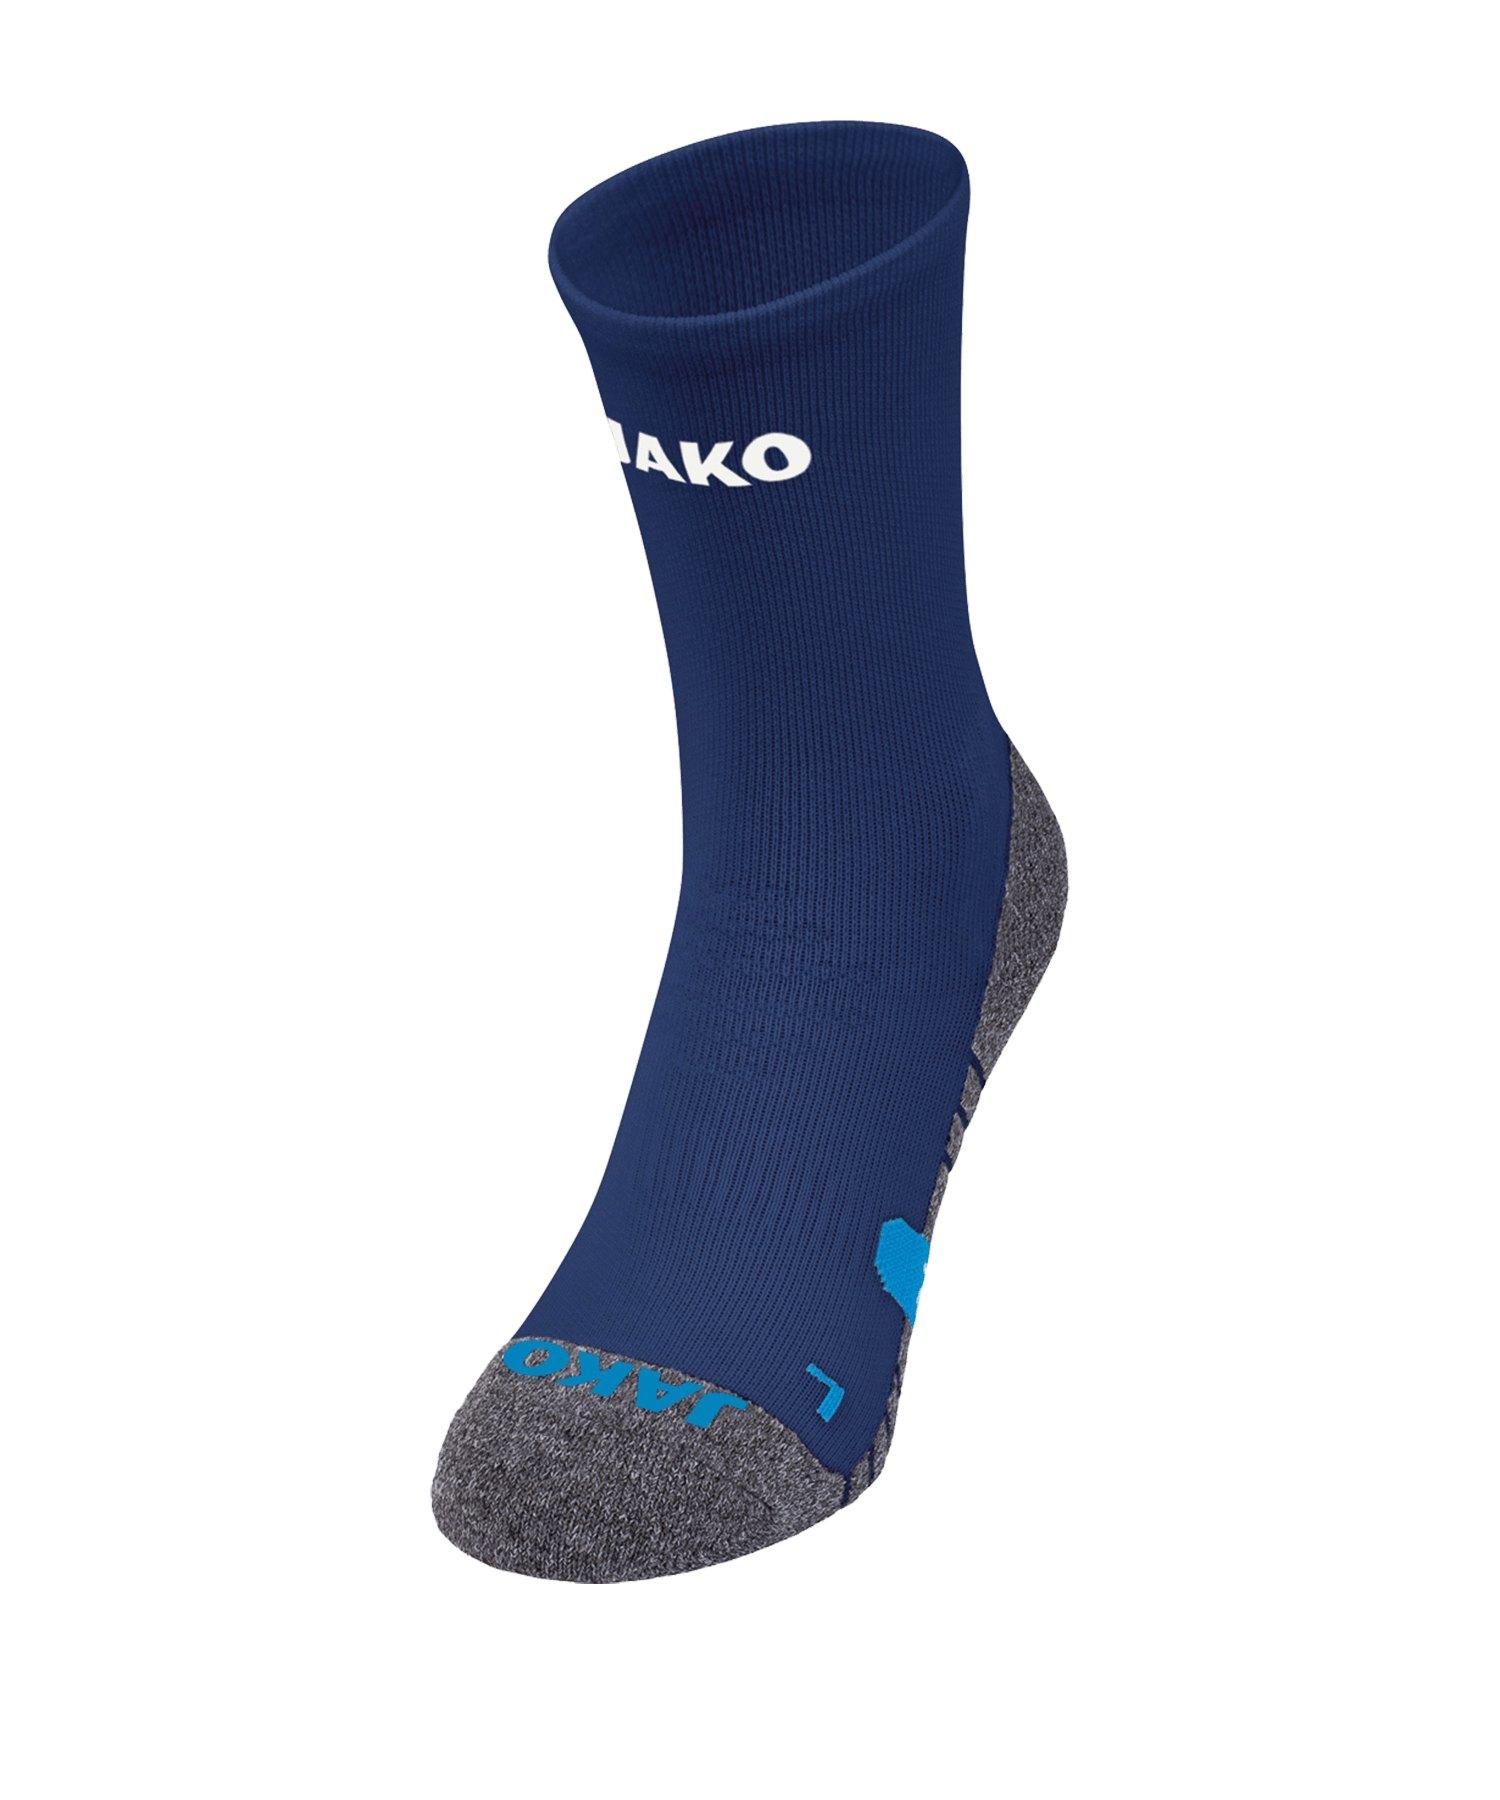 JAKO Trainingssocken Blau F09 - blau